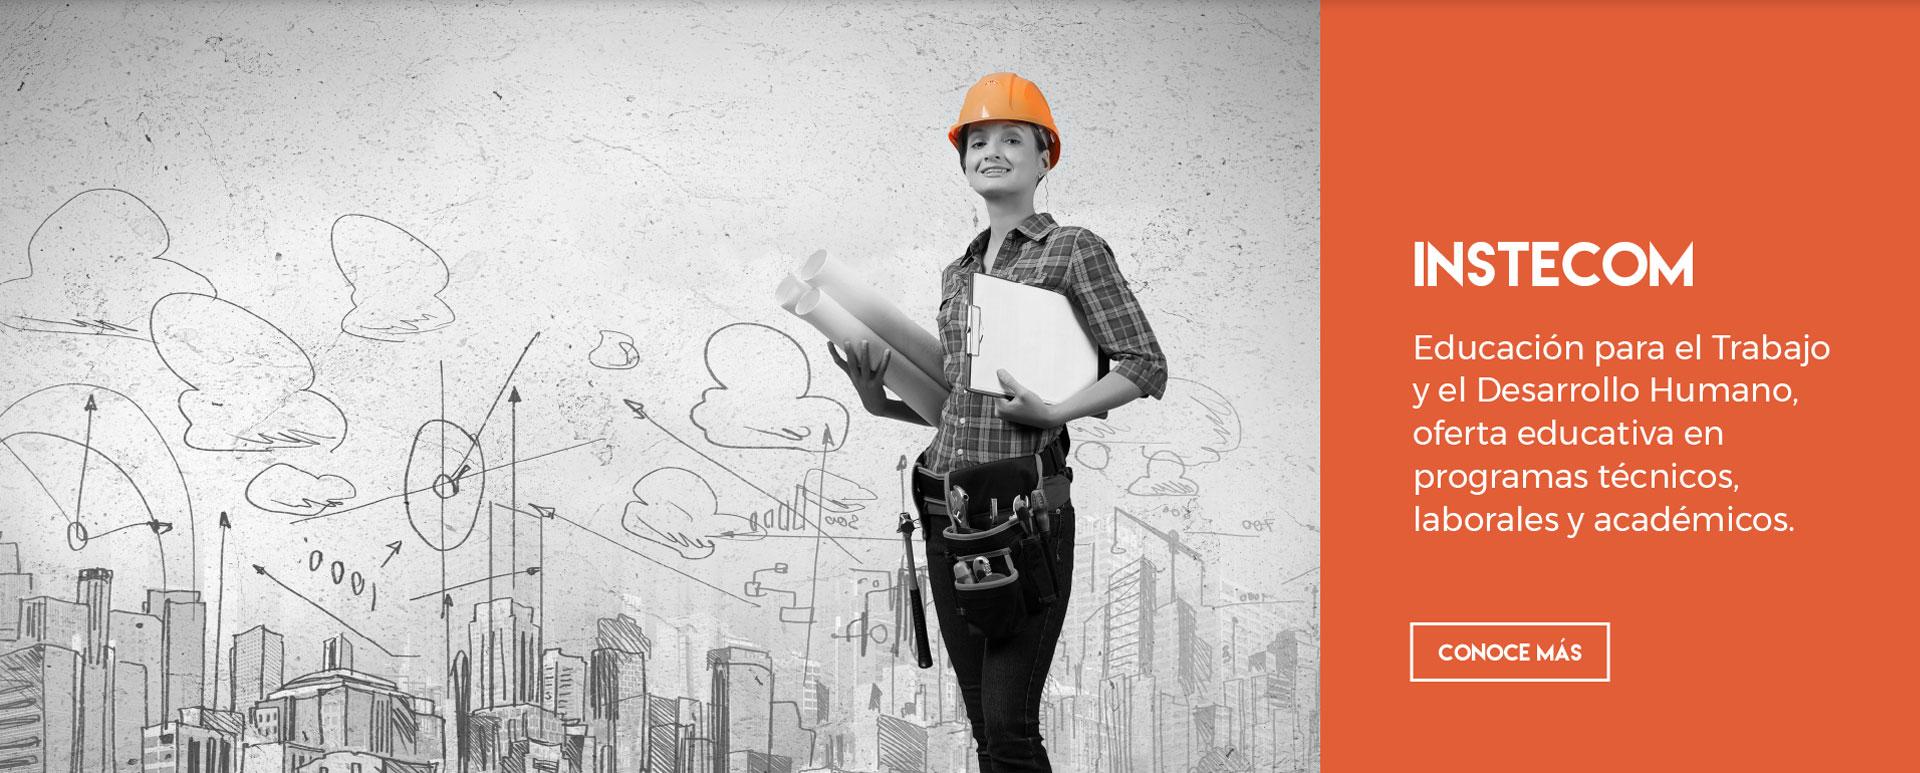 INSTECOM Educación para el Trabajo y el Desarrollo Humano, oferta educativa en programas técnicos, laborales y académicos.